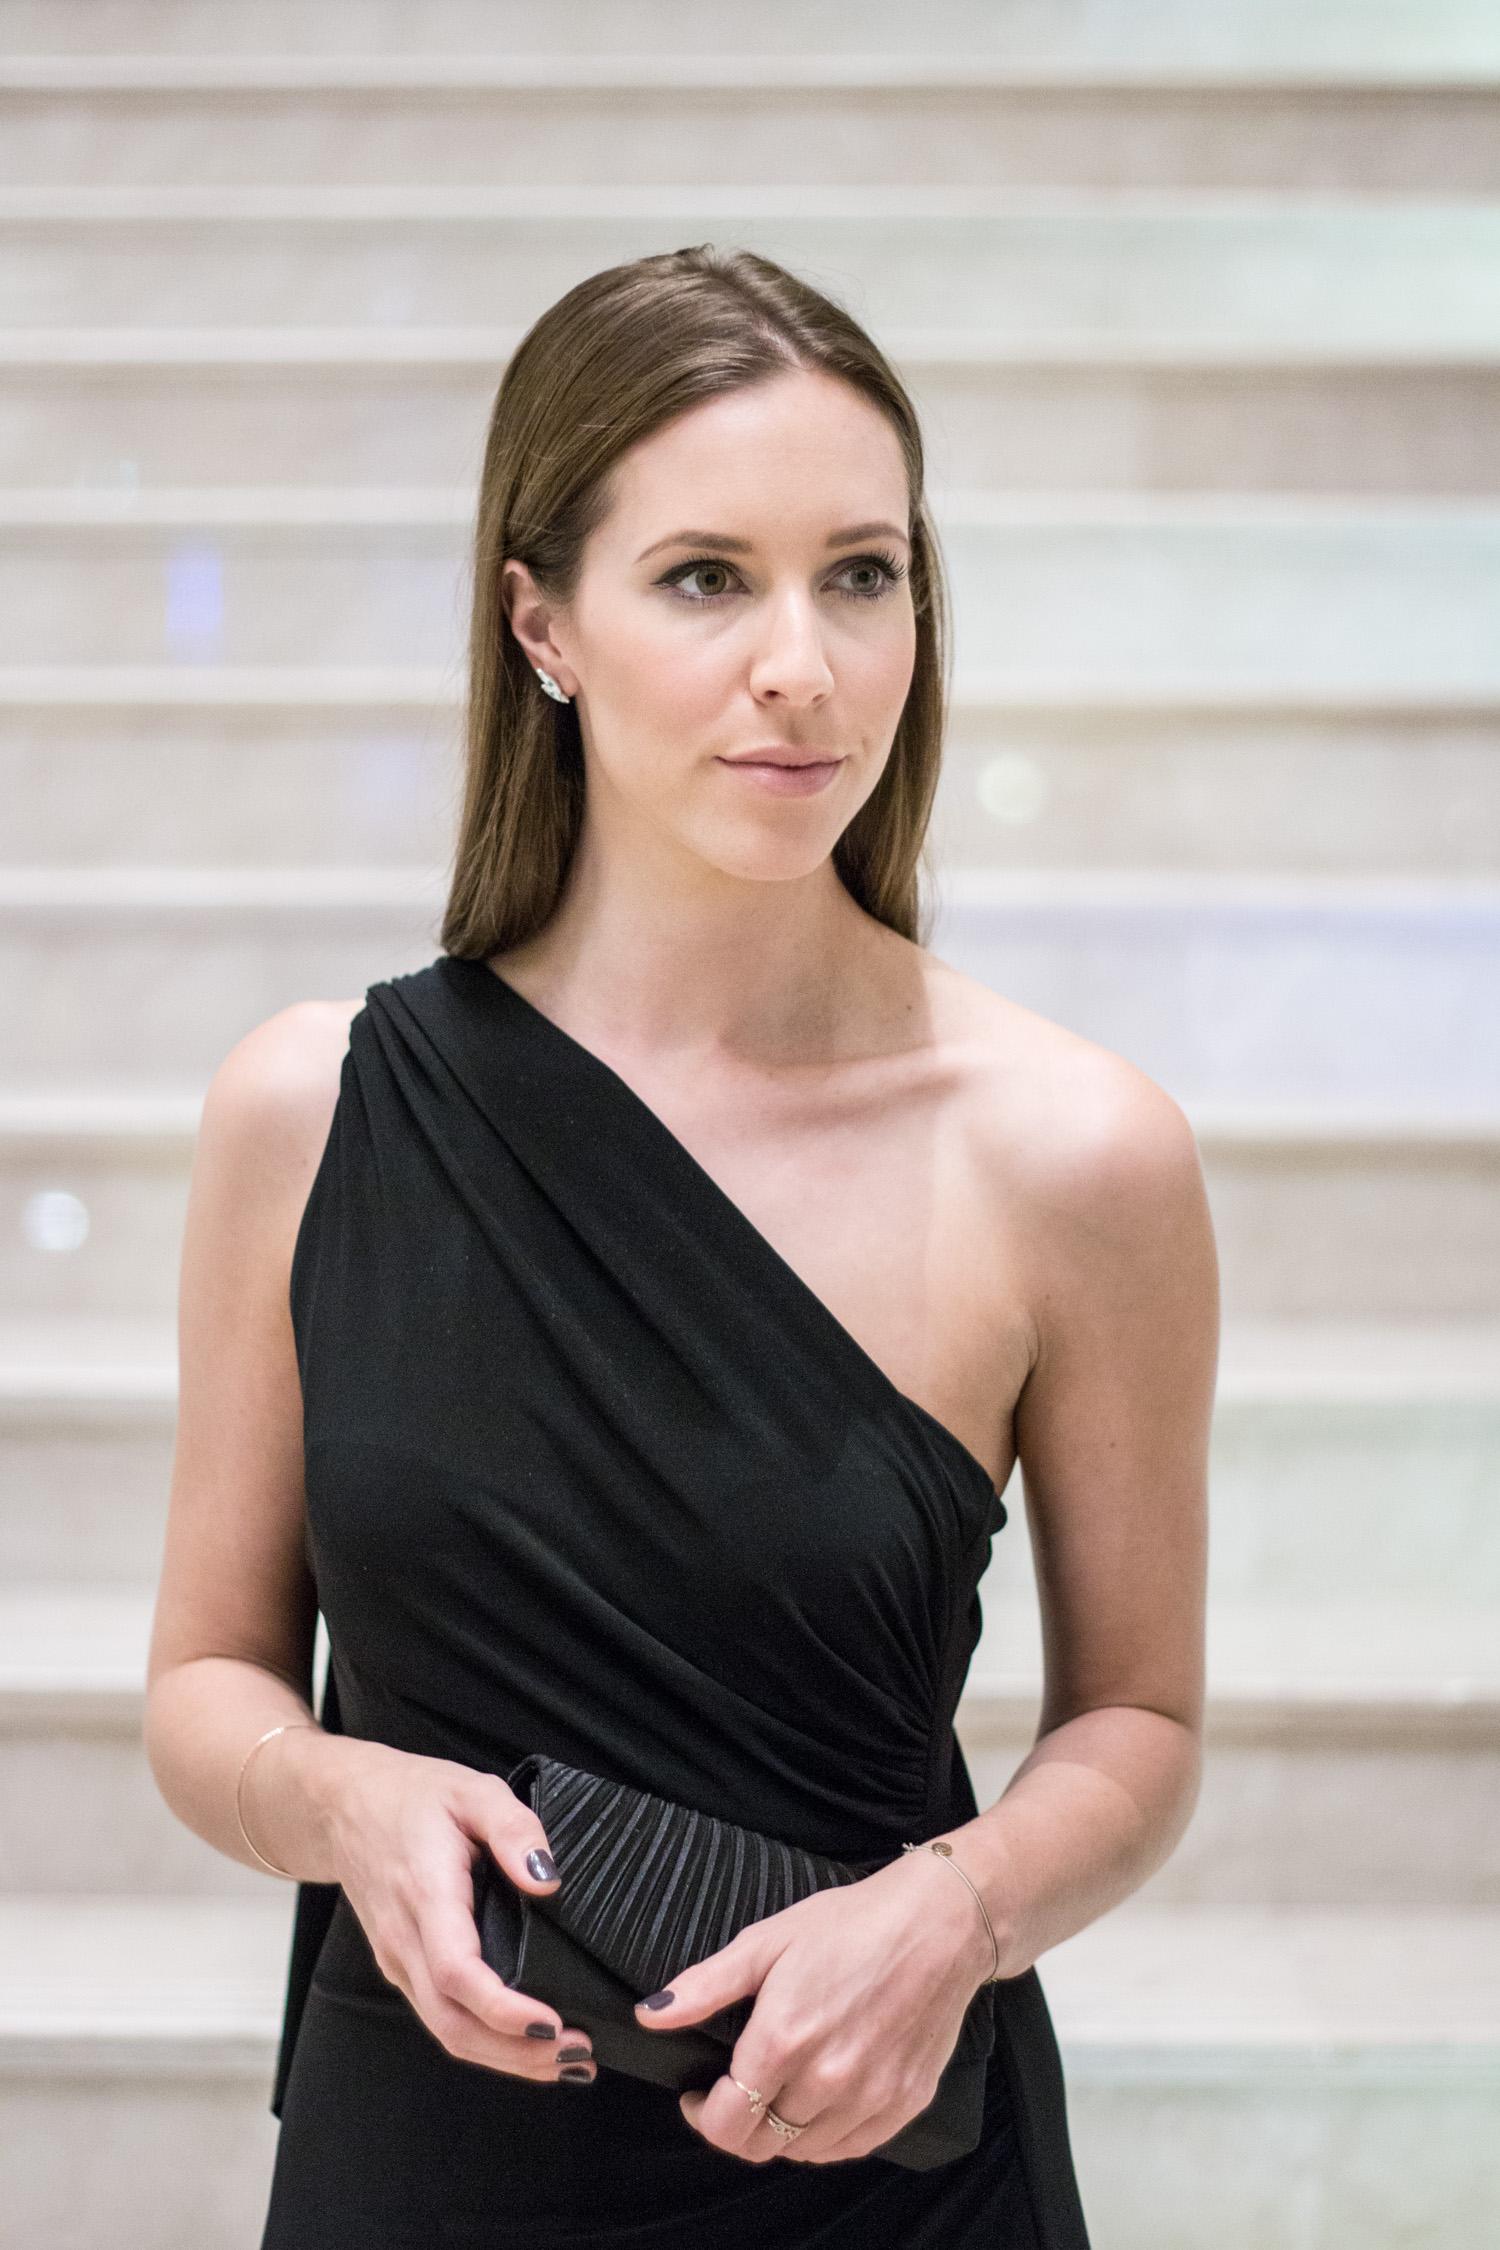 Ralph-Lauren-Dress-7